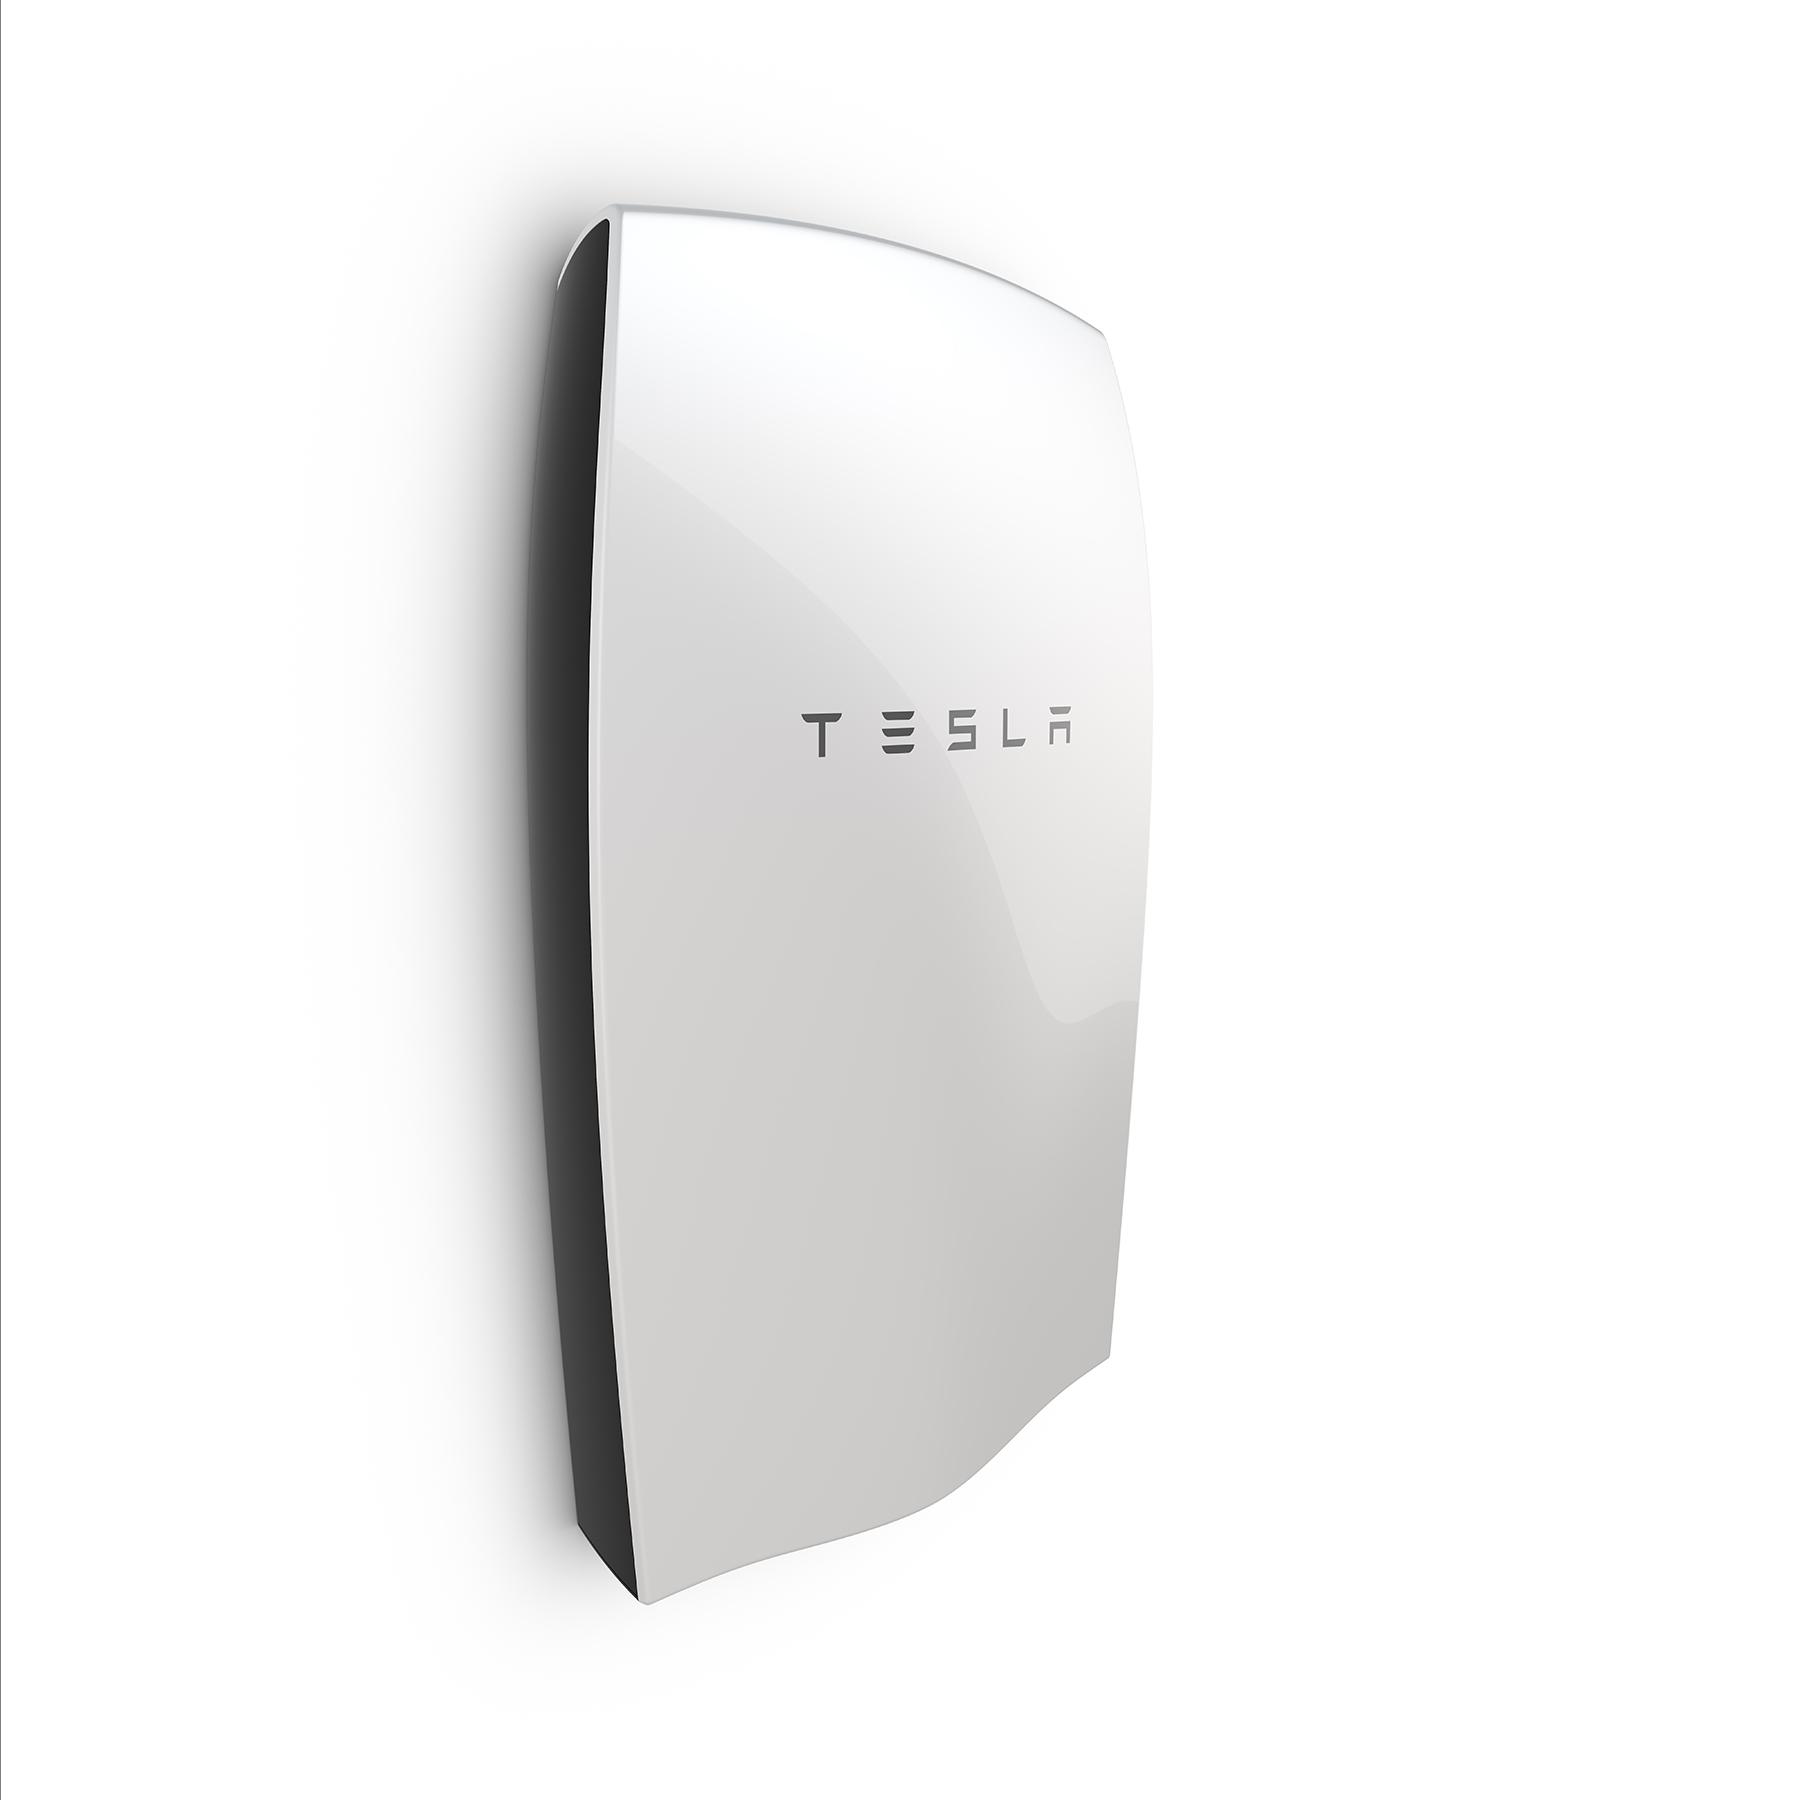 tesla energy stellt batterien vor die haushalte und industrie versorgen sollen hardwareluxx. Black Bedroom Furniture Sets. Home Design Ideas